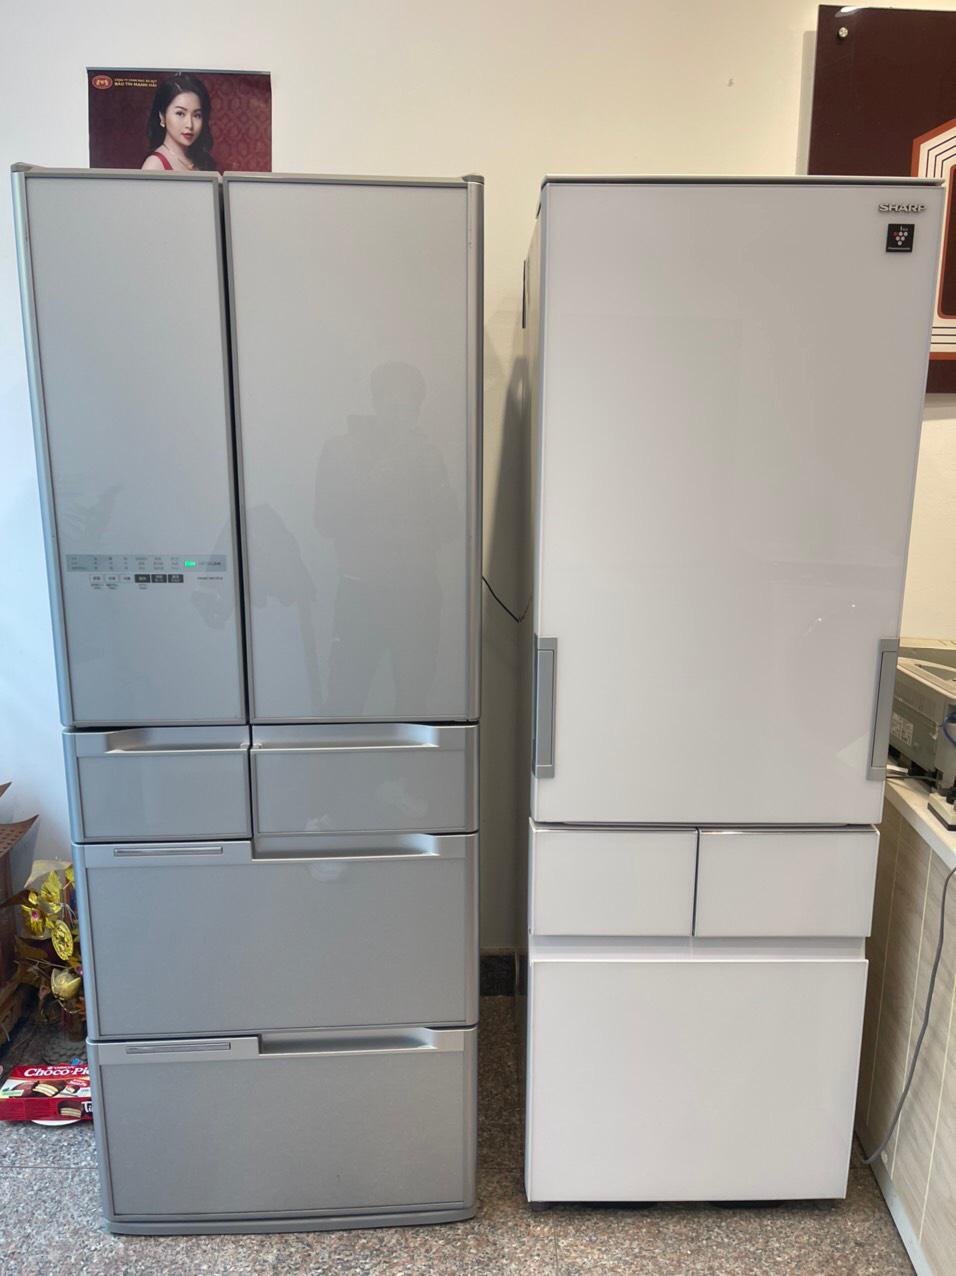 Tủ Lạnh Hitachi Màu Xanh Xám G5700